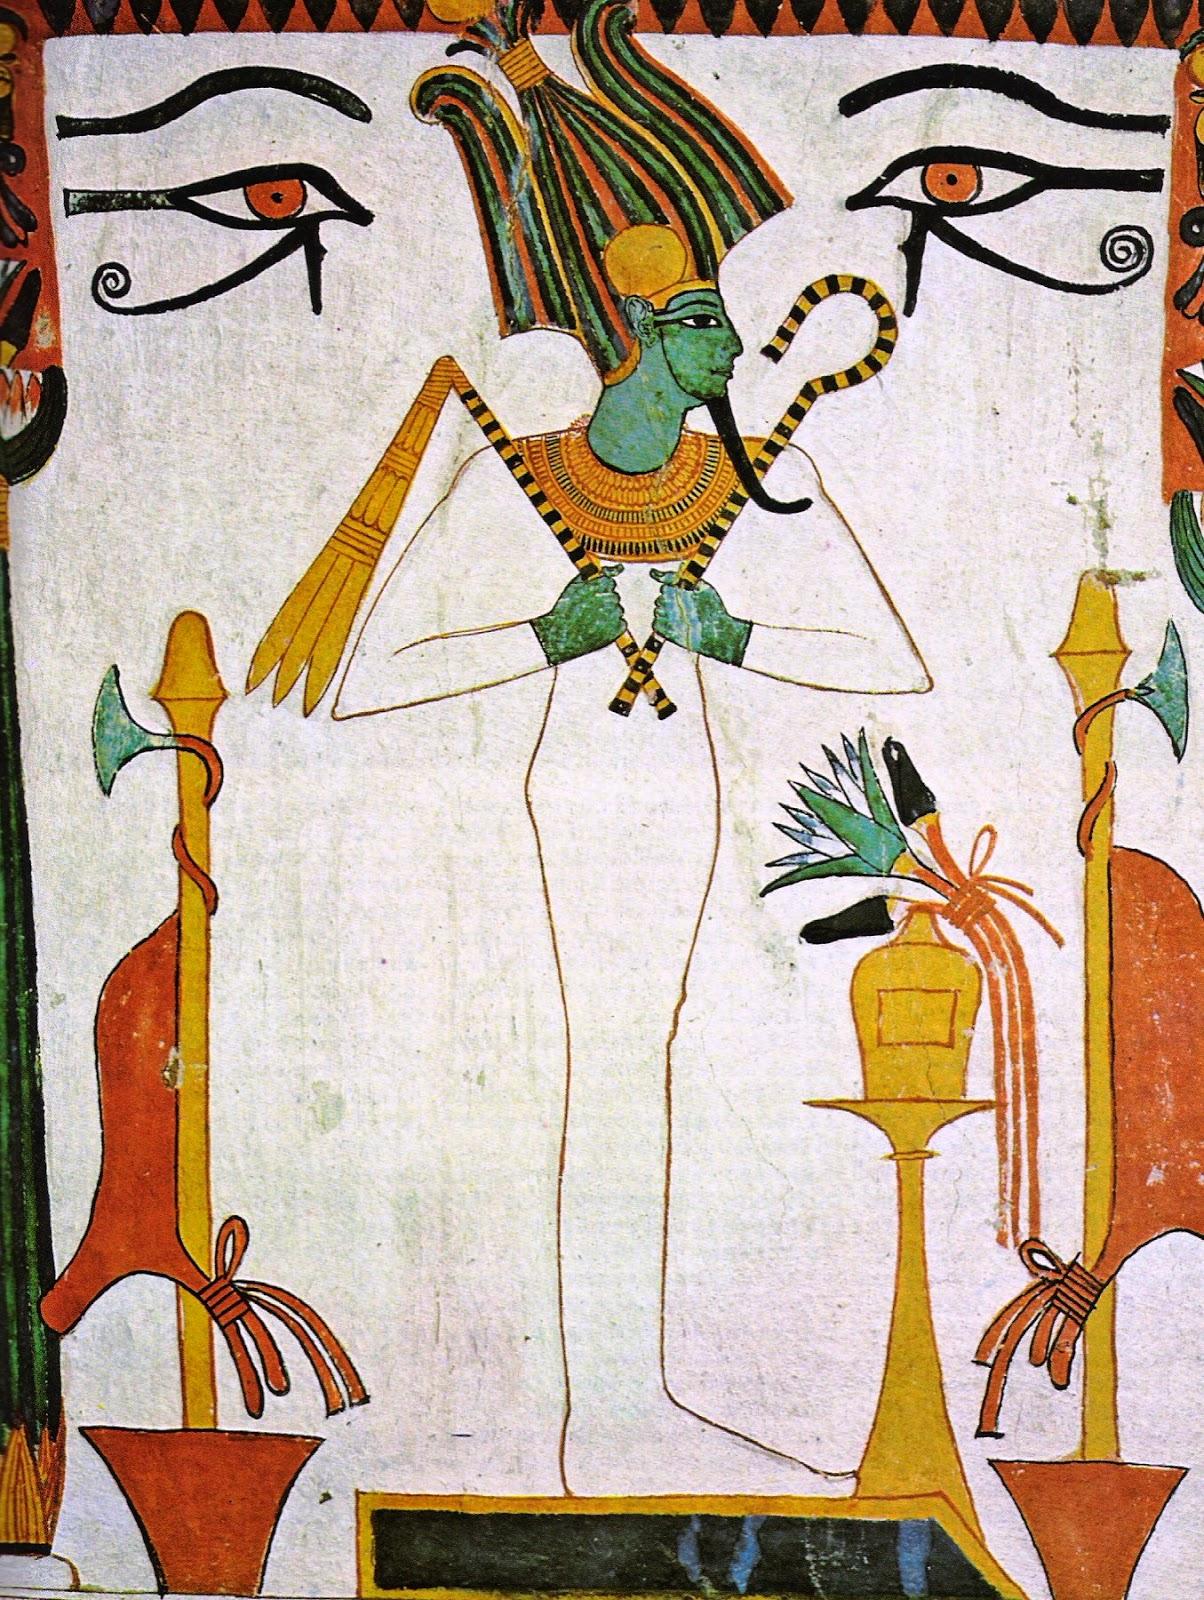 أسم ورمزية اوزيريس وأشكاله وصوره الفصل الأول